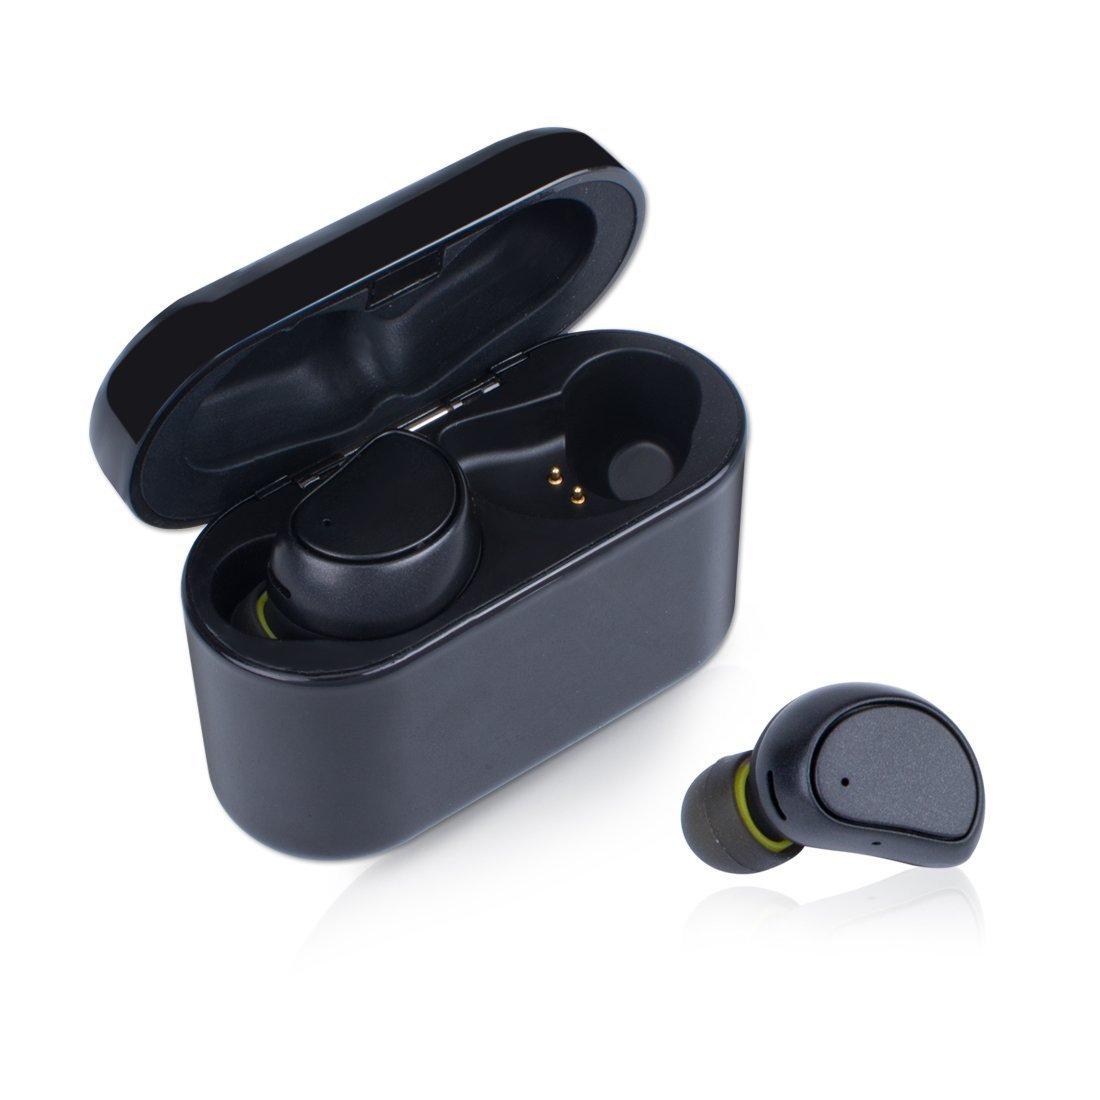 27829a846b8 Wireless Earpods: Best Mini Bluetooth Earbuds Stereo In Ear Earphones Twins  Truly Smallest Sport Headphones Headset Buds Mic Sweatproof Gym Charging  Case ...